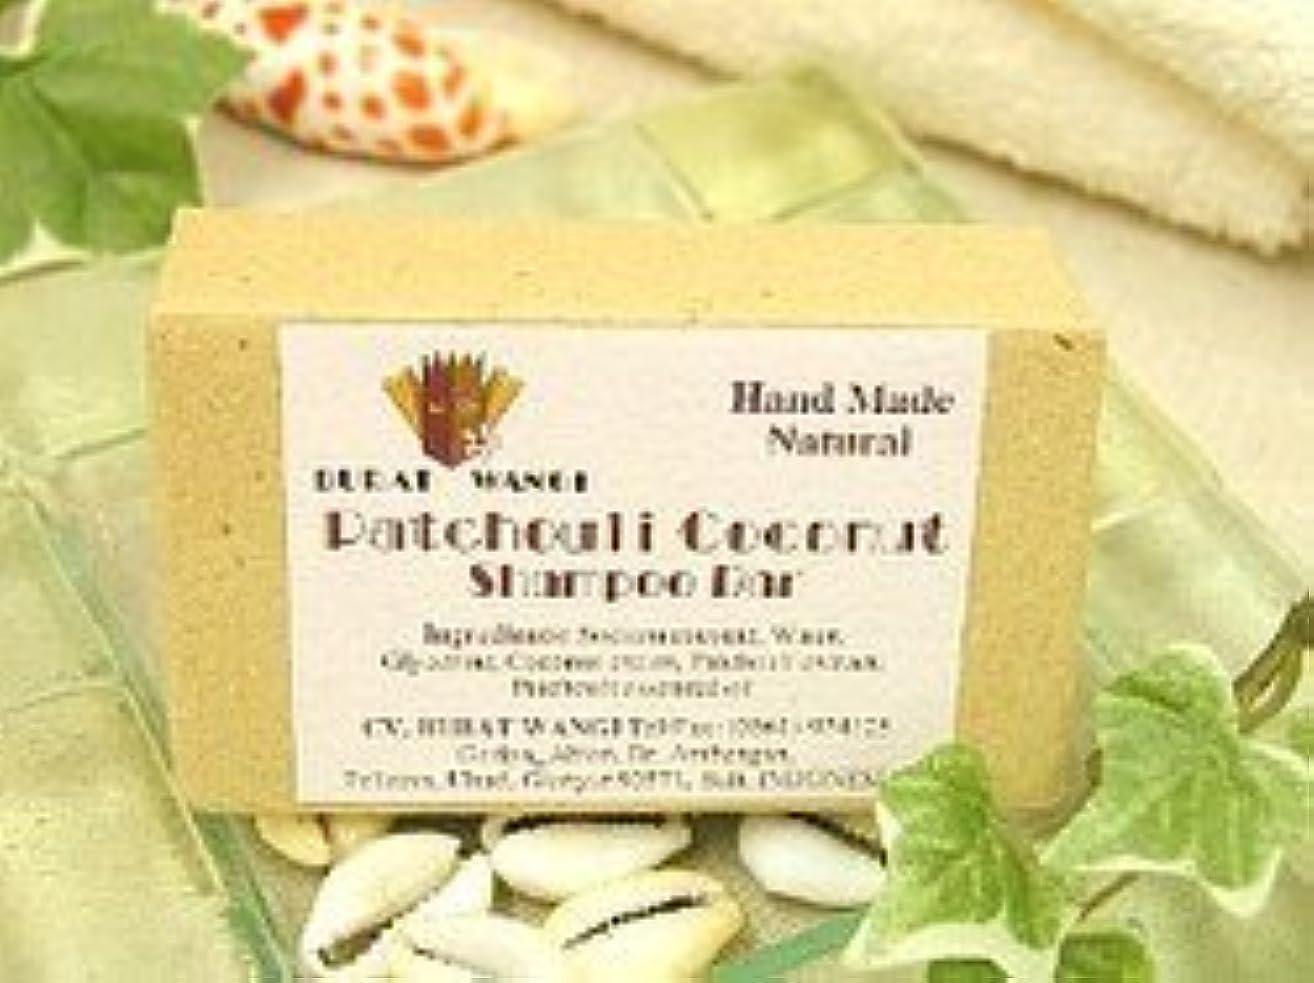 排他的図事件、出来事パチュリー シャンプーバー ブラットワンギ 手作り 純石鹸 アジアン雑貨